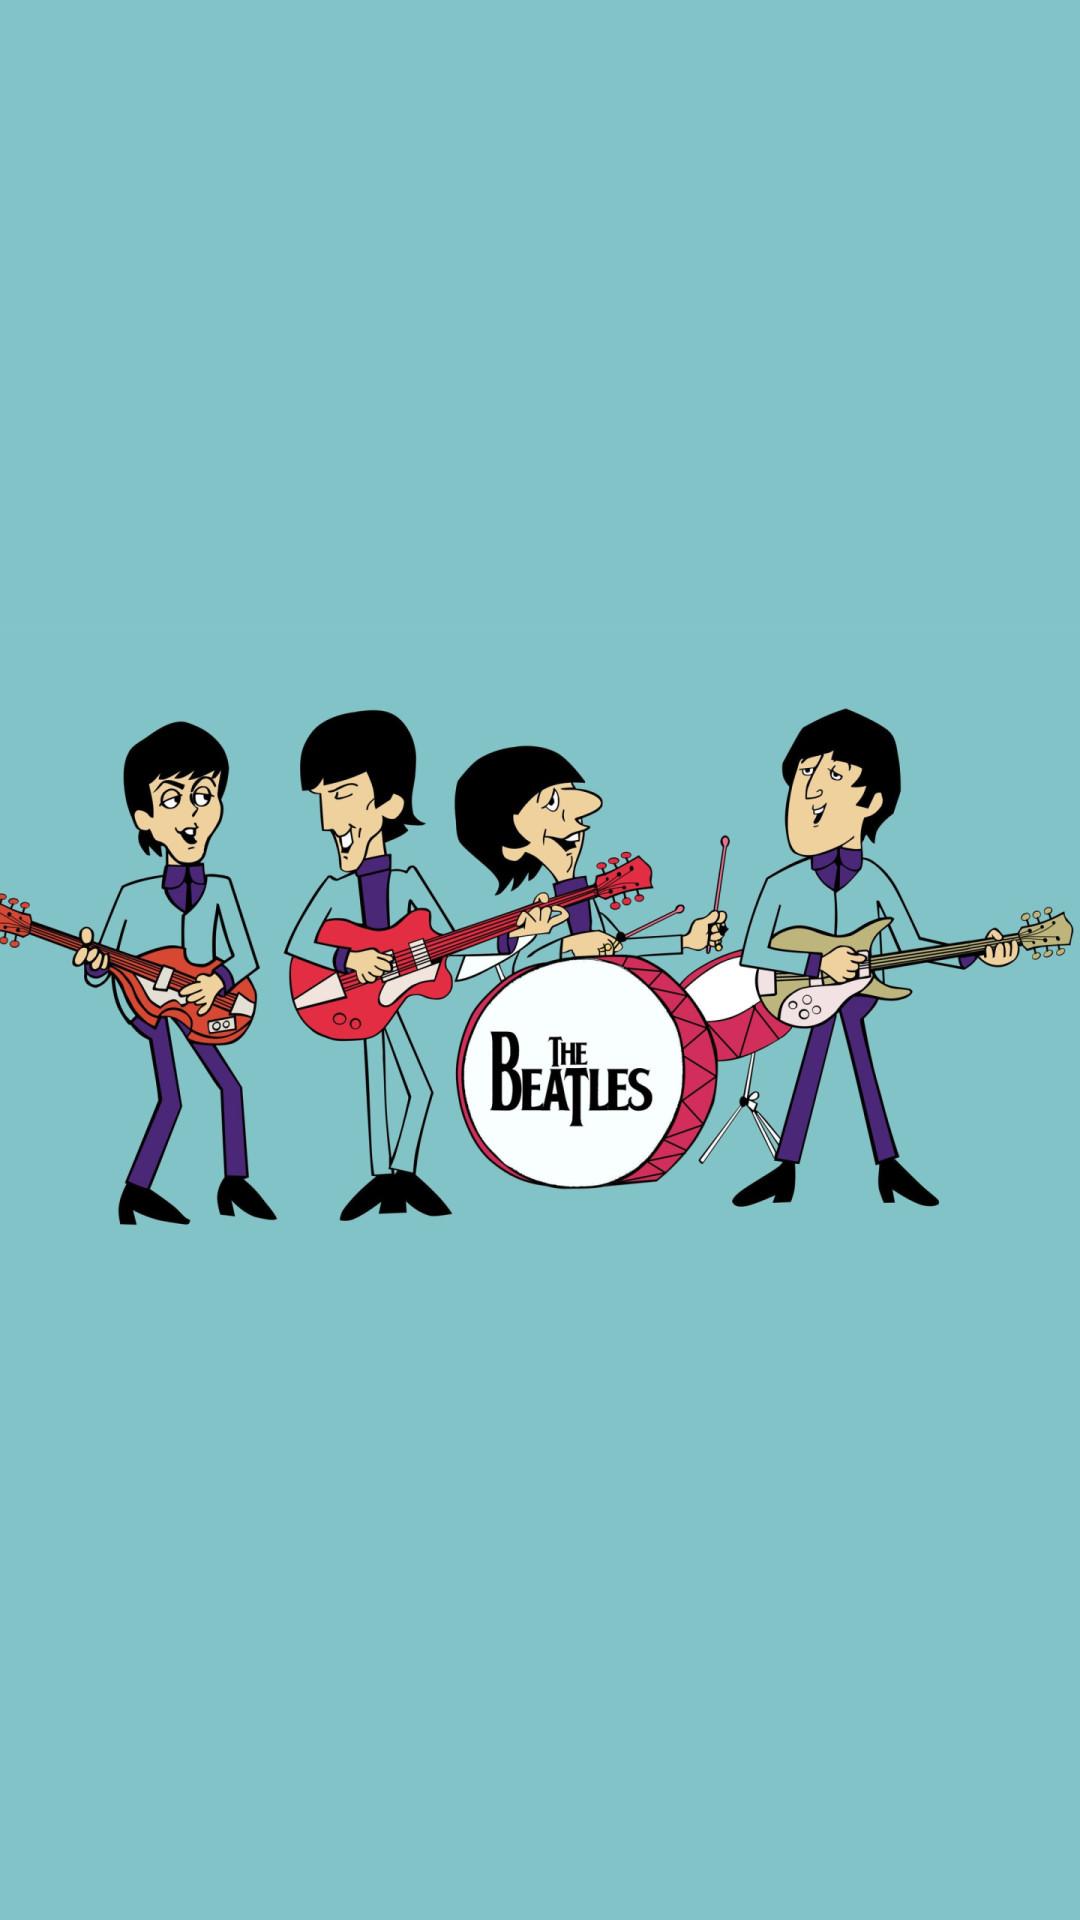 The Beatles Wallpaper iPhone - WallpaperSafari  |Beatles Iphone Wallpaper